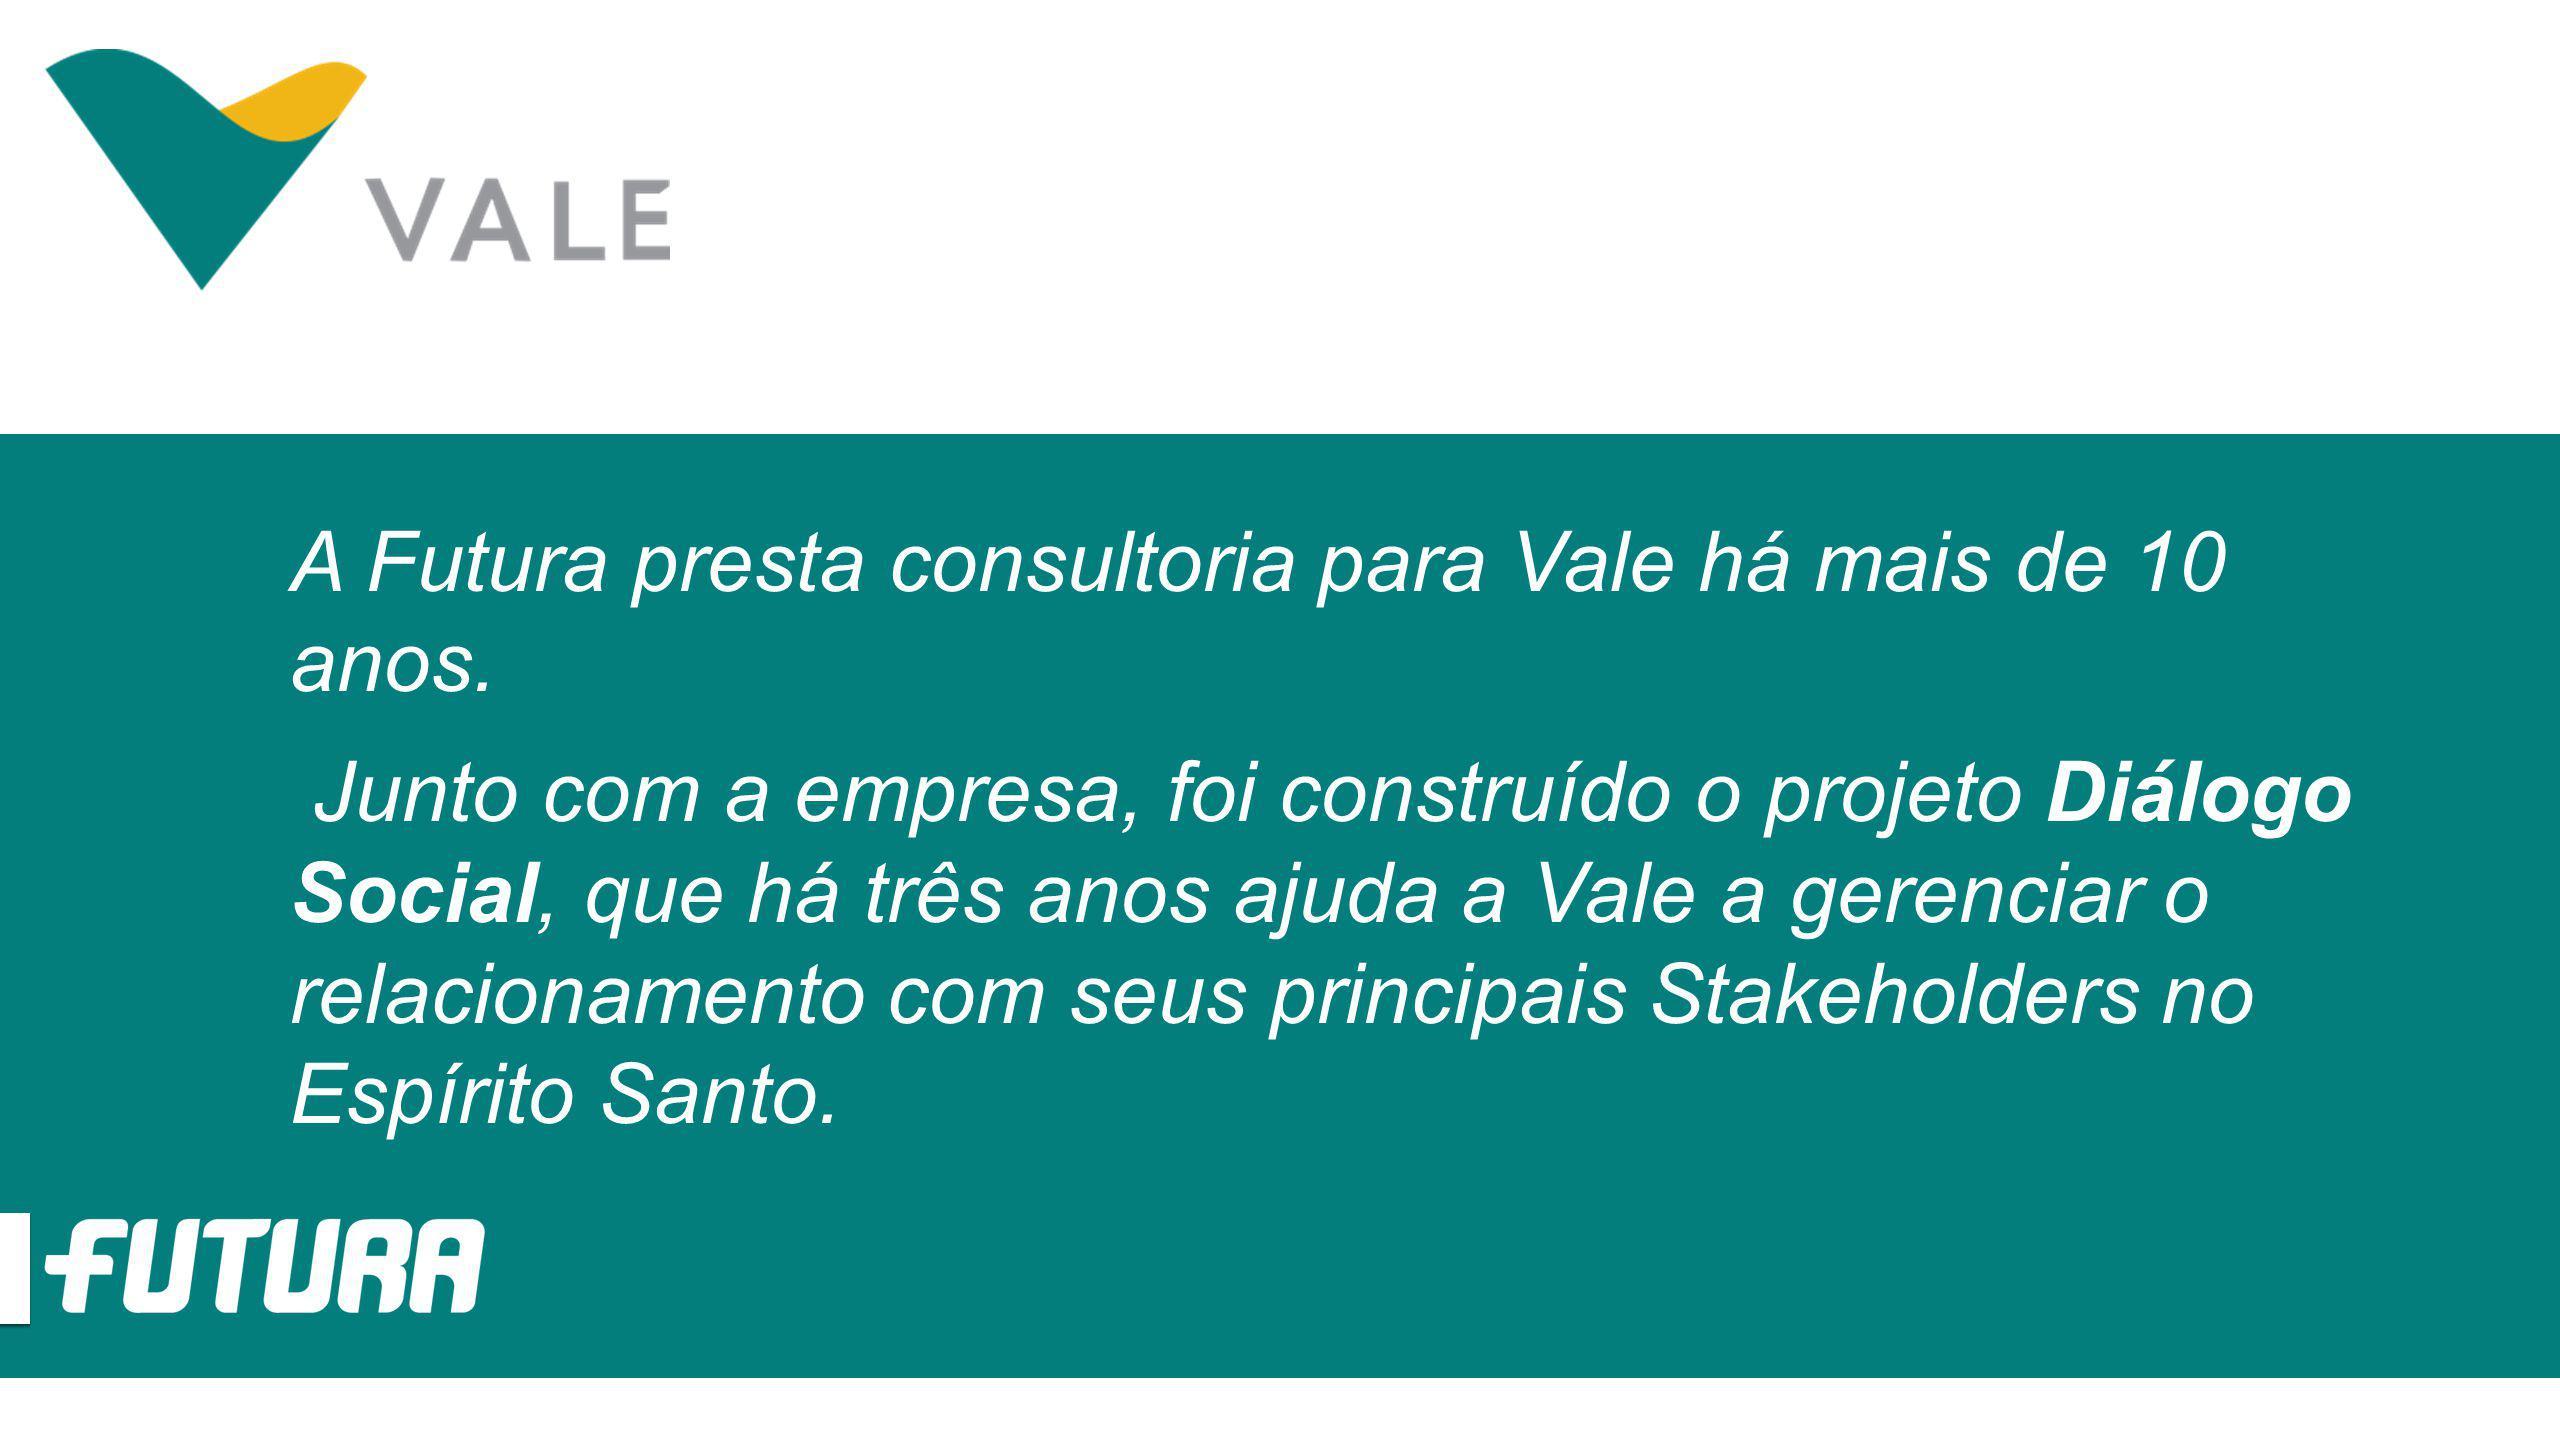 A Futura presta consultoria para Vale há mais de 10 anos. Junto com a empresa, foi construído o projeto Diálogo Social, que há três anos ajuda a Vale